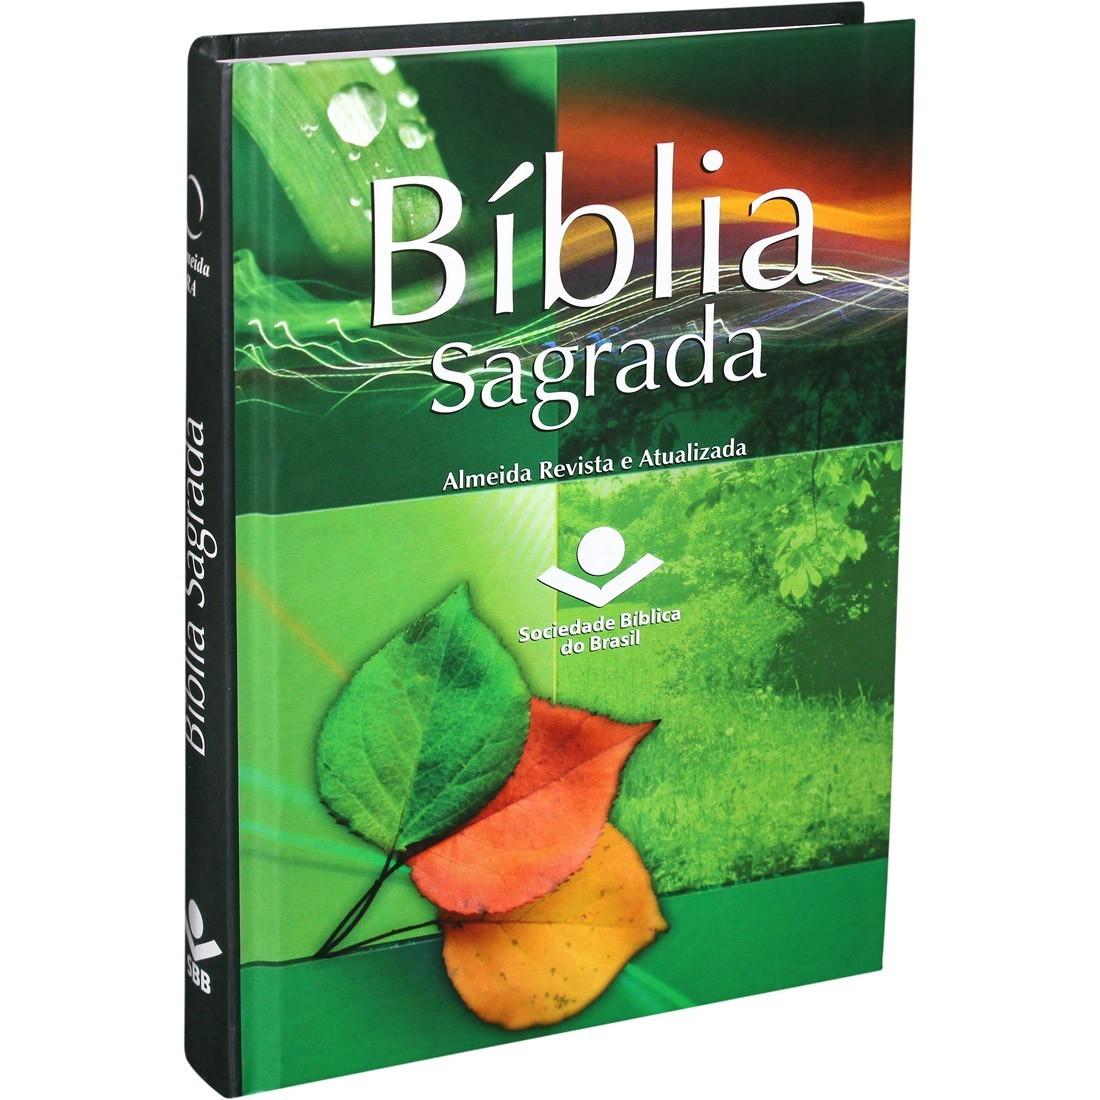 BÍBLIA SAGRADA CAPA DURA OUTONO REVISTA E ATUALIZADA